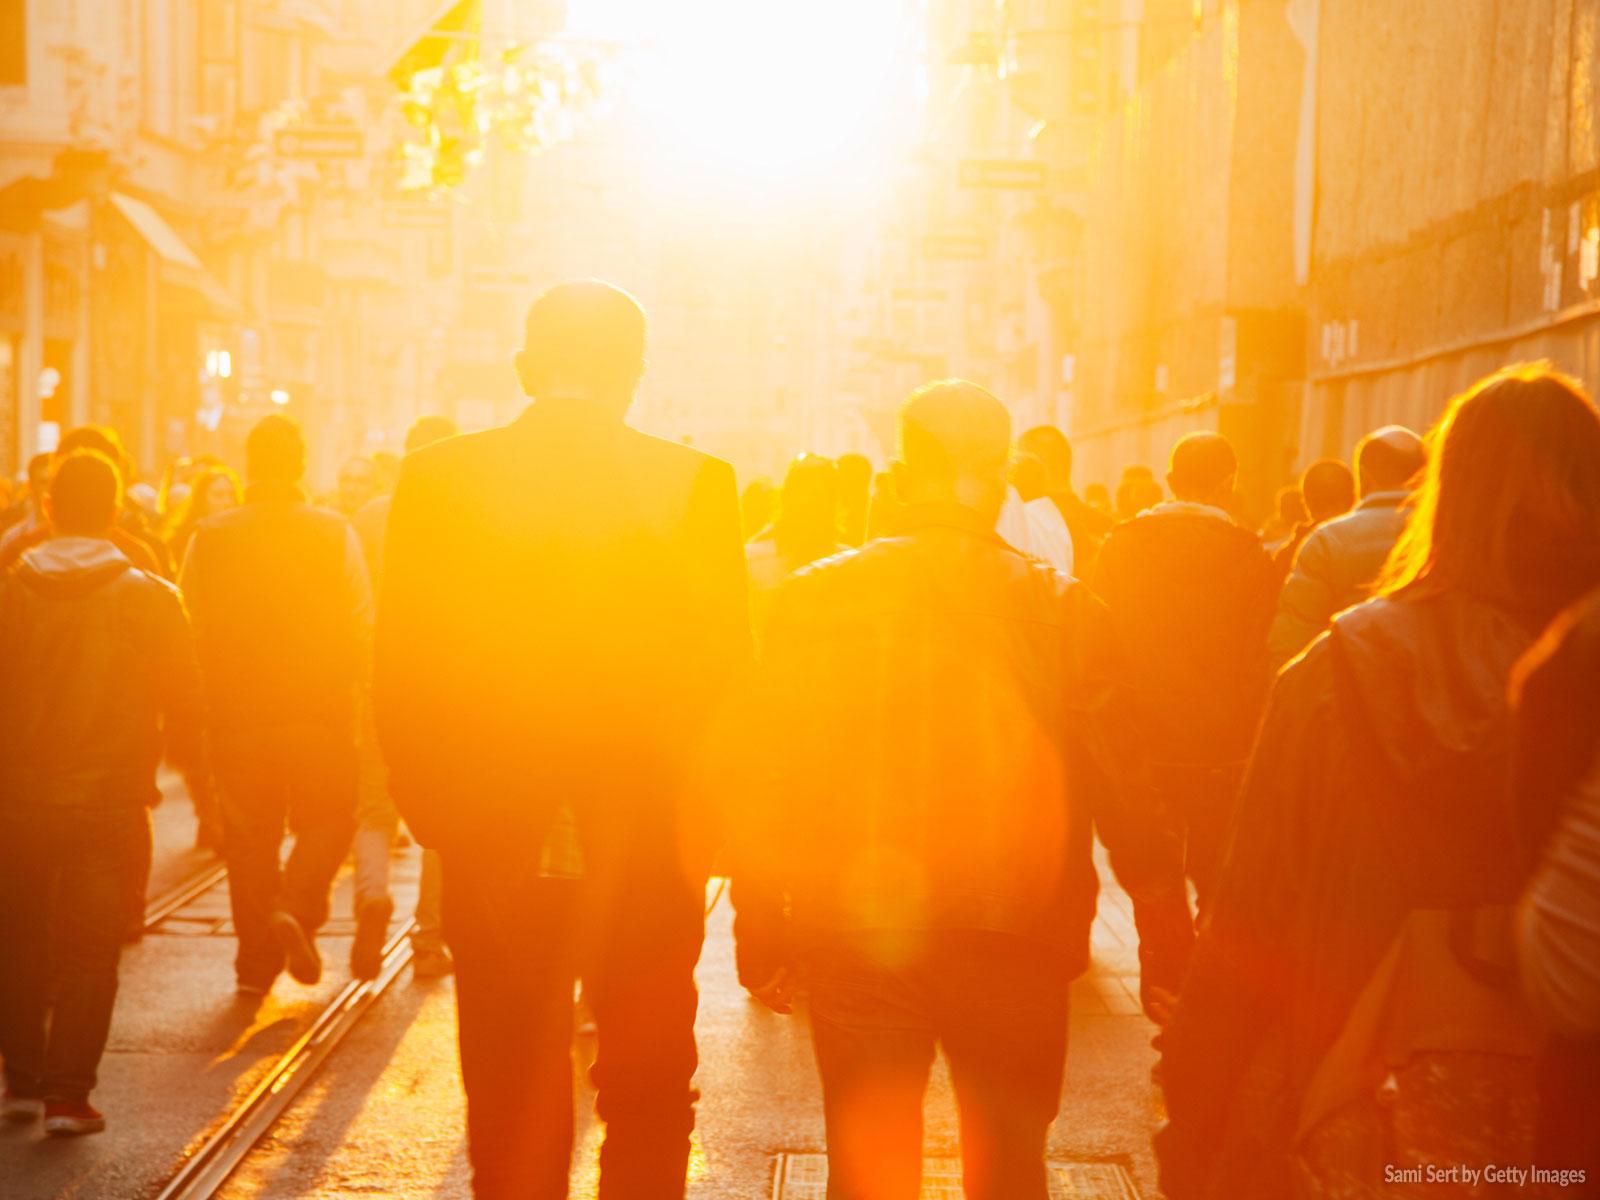 -Os-cristãos-são-chamados-a-se-renderem-ao-Evangelho-e-seus-valores